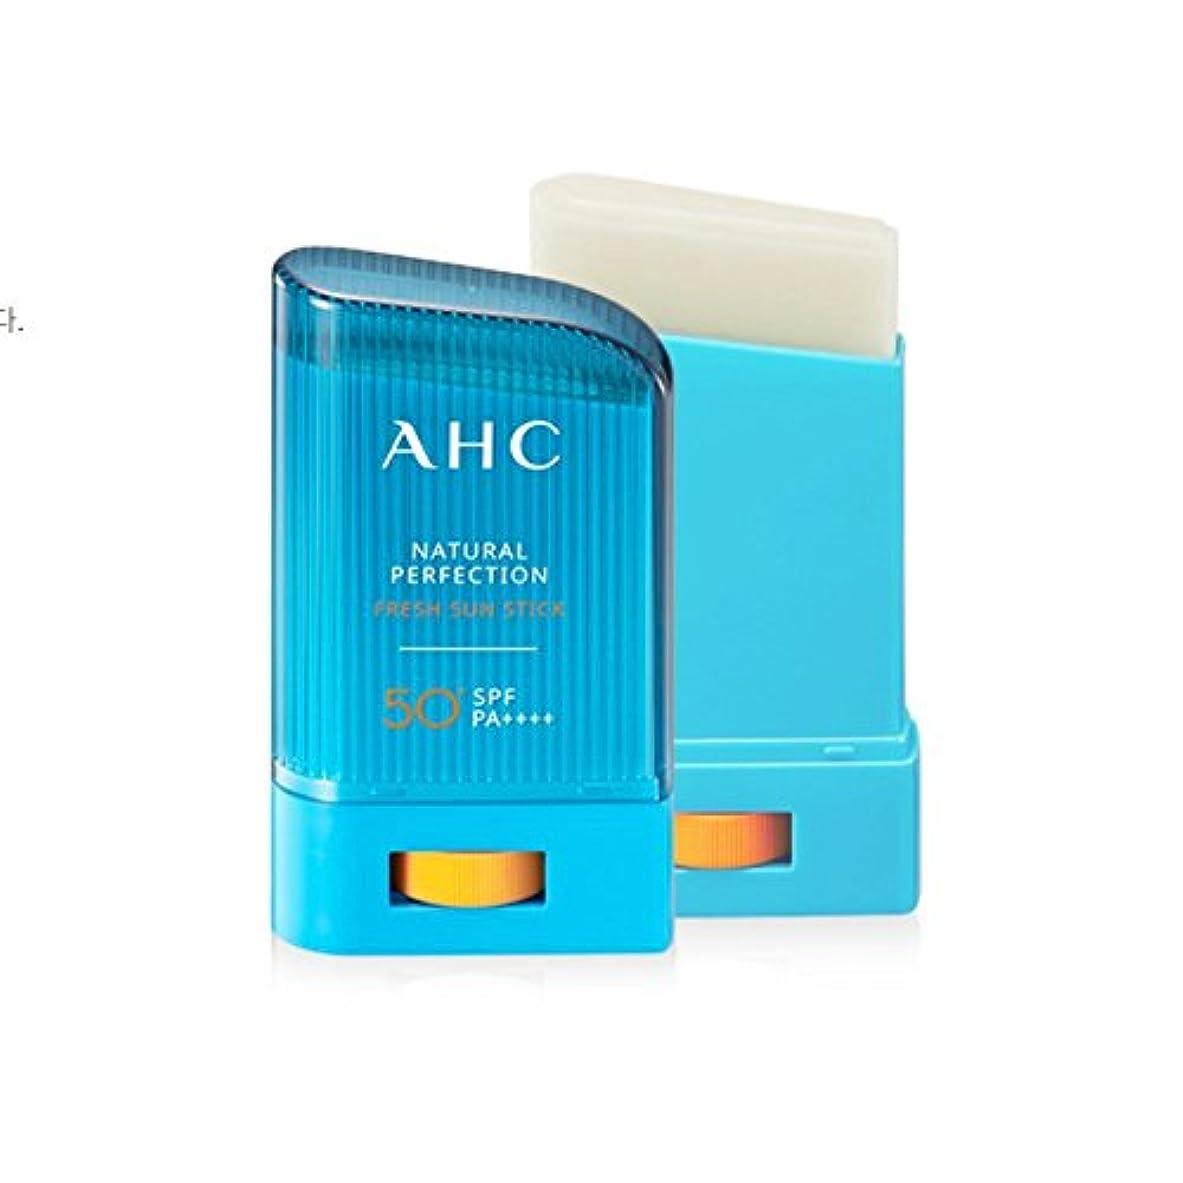 トークンちょっと待って殺します2018年(Renewal) AHC ナチュラル サン スティック 22g/AHC Natural perfection fresh sun stick (22g) [並行輸入品]